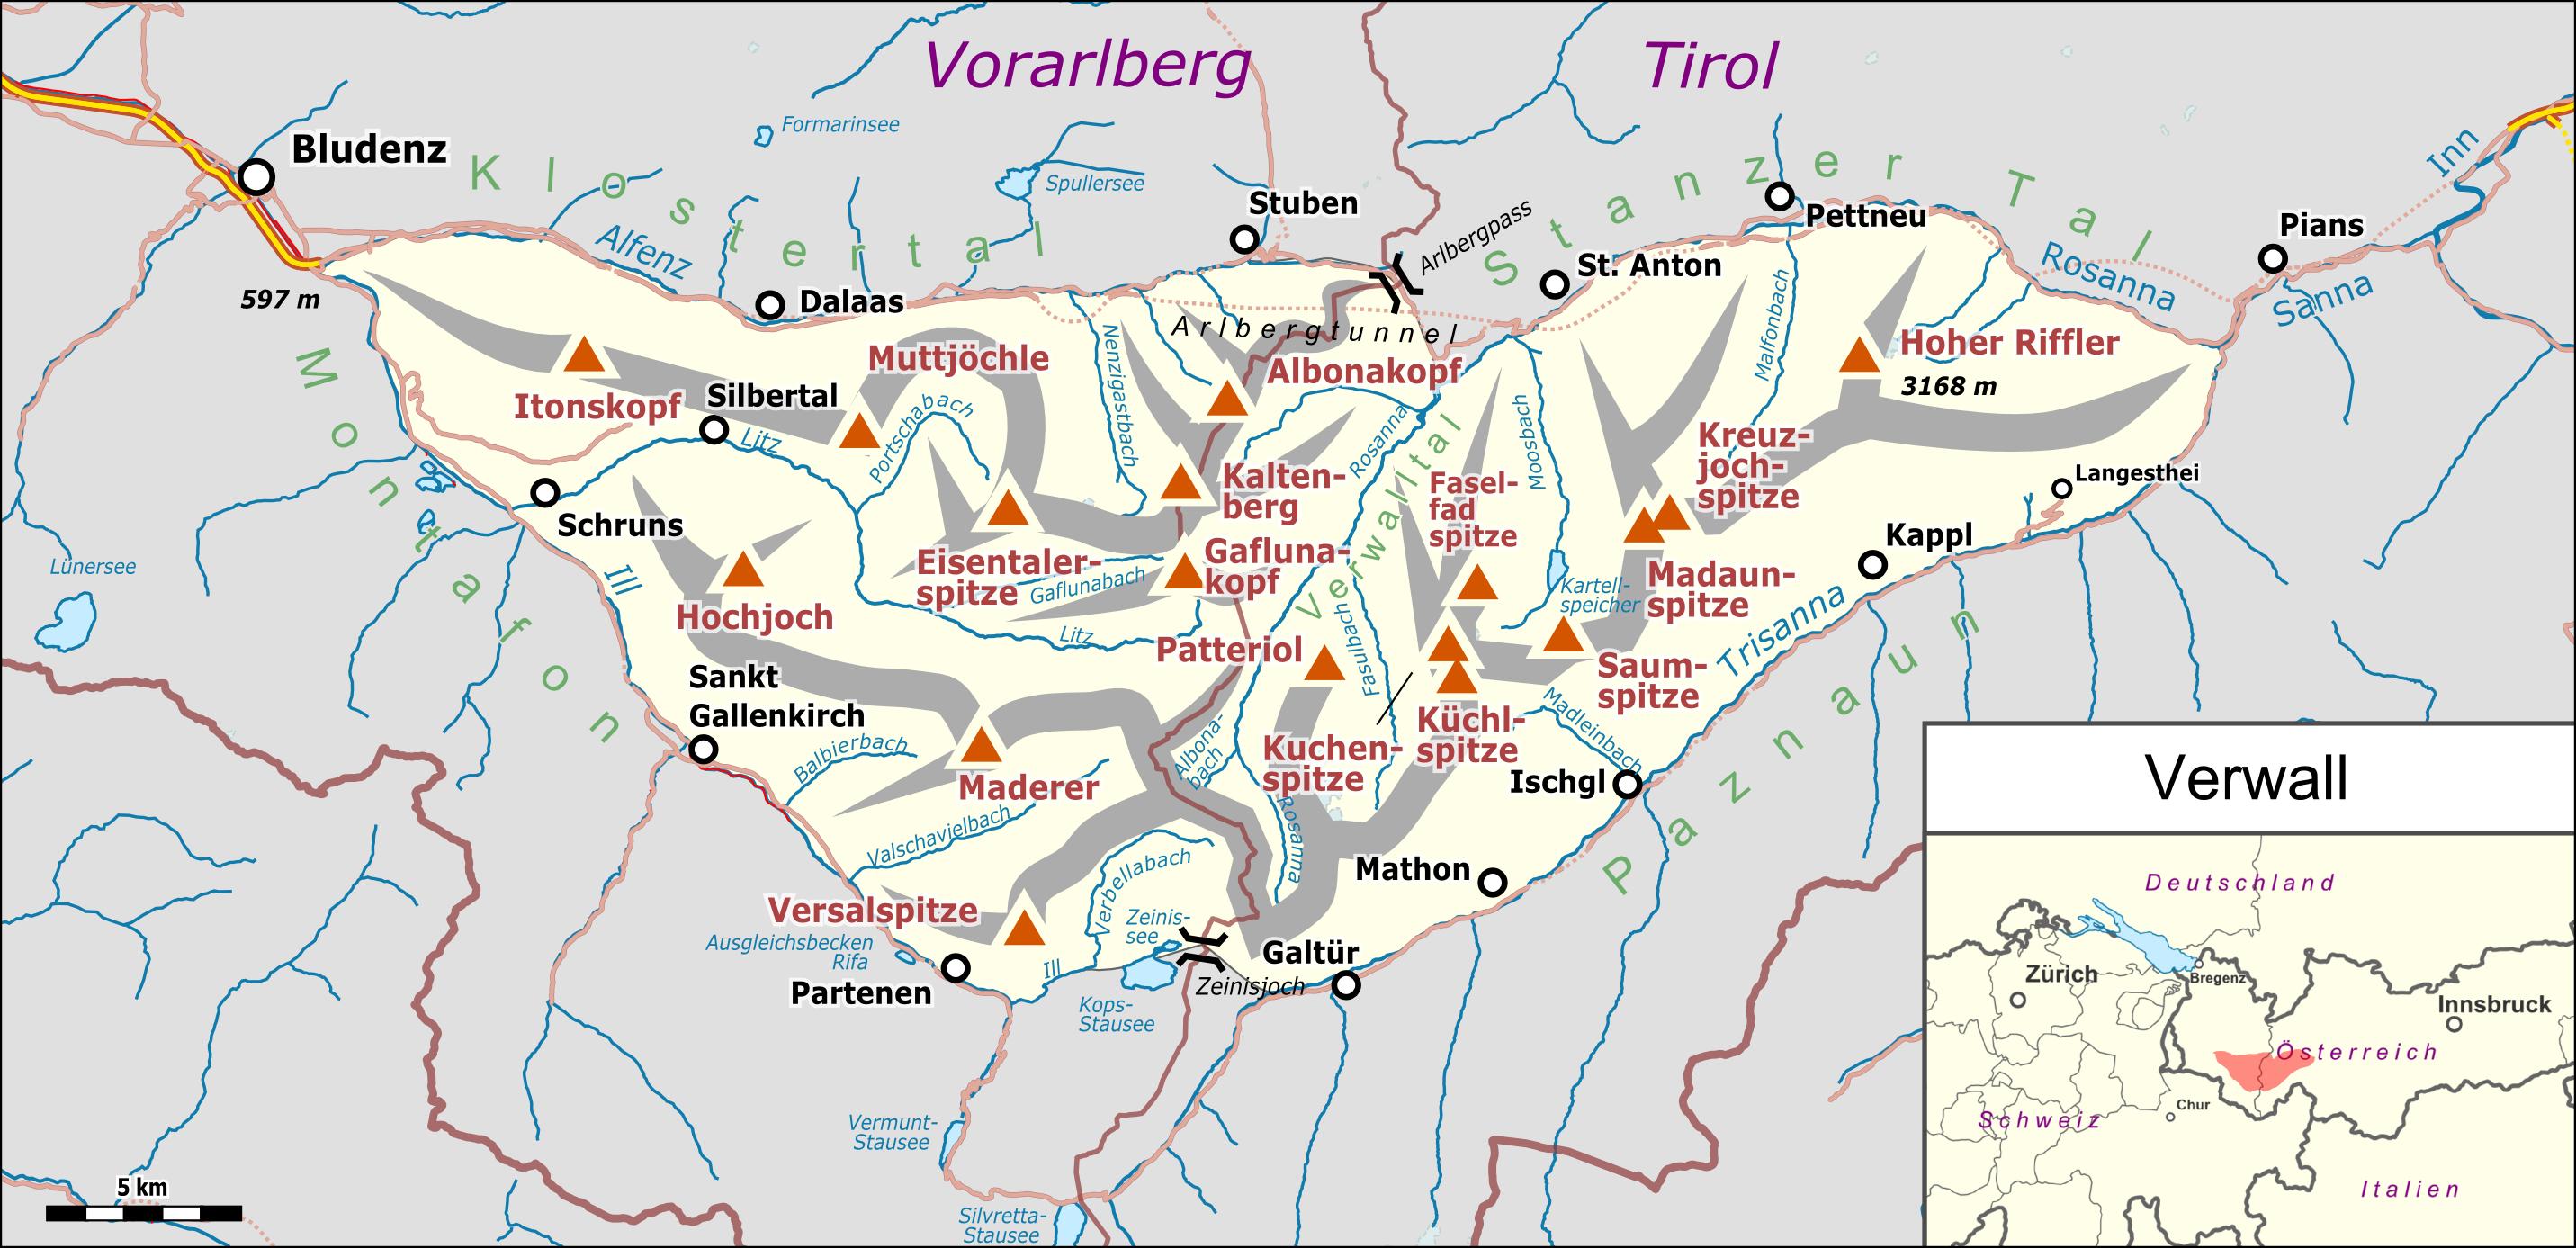 Vorarlberg Karte Berge.Verwall Wikipedia